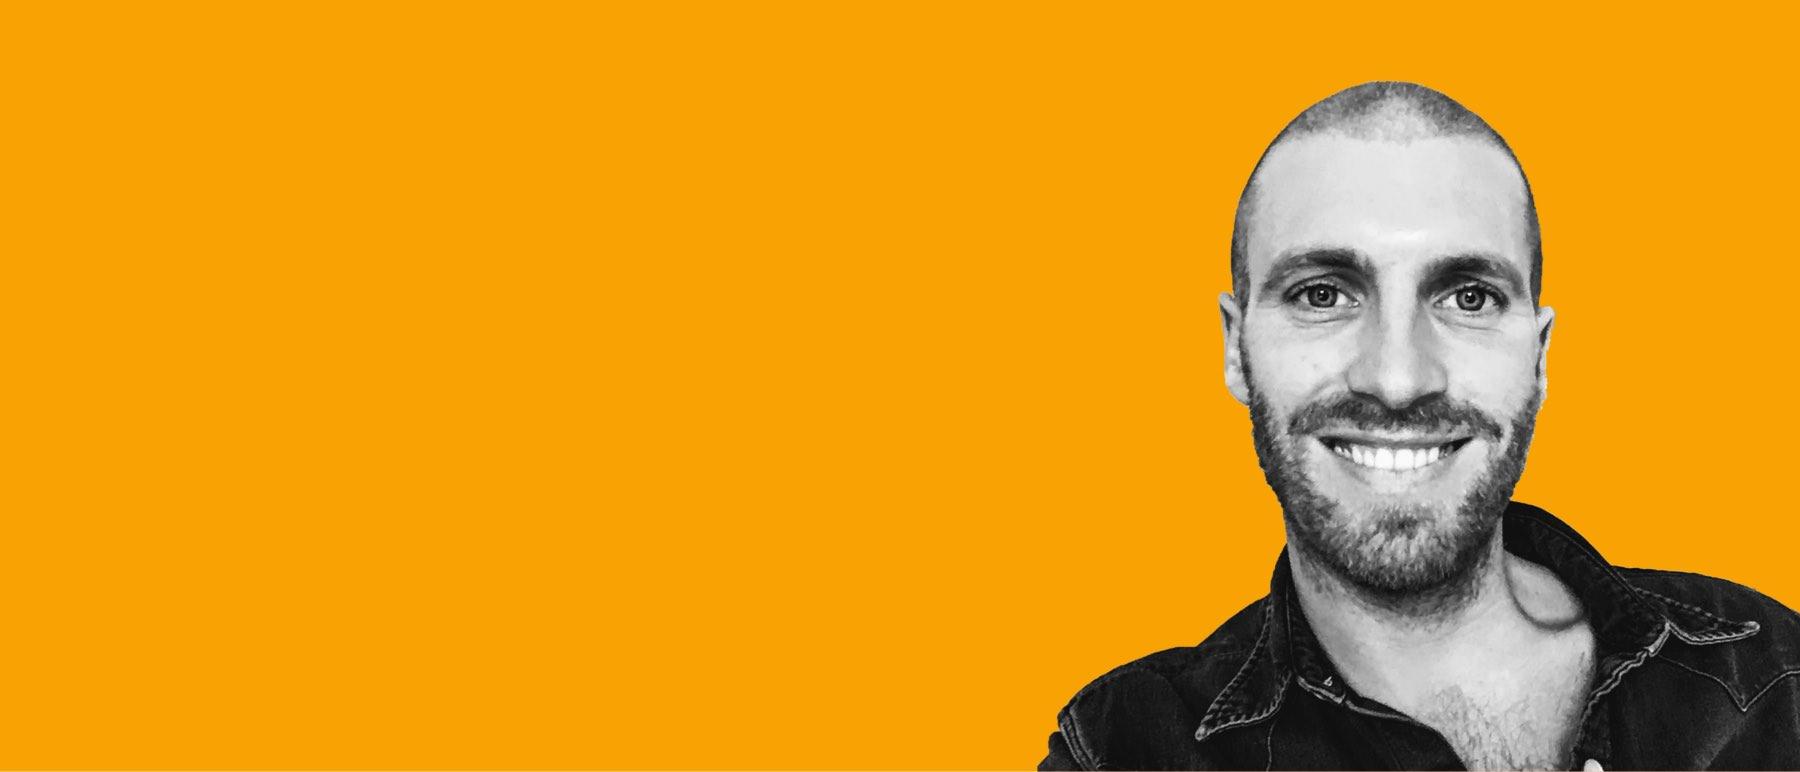 Michael Asshauer – Gründer & Unternehmer, Experte für Recruiting, Führung & Agile Management, Host des TALENTE Podcast